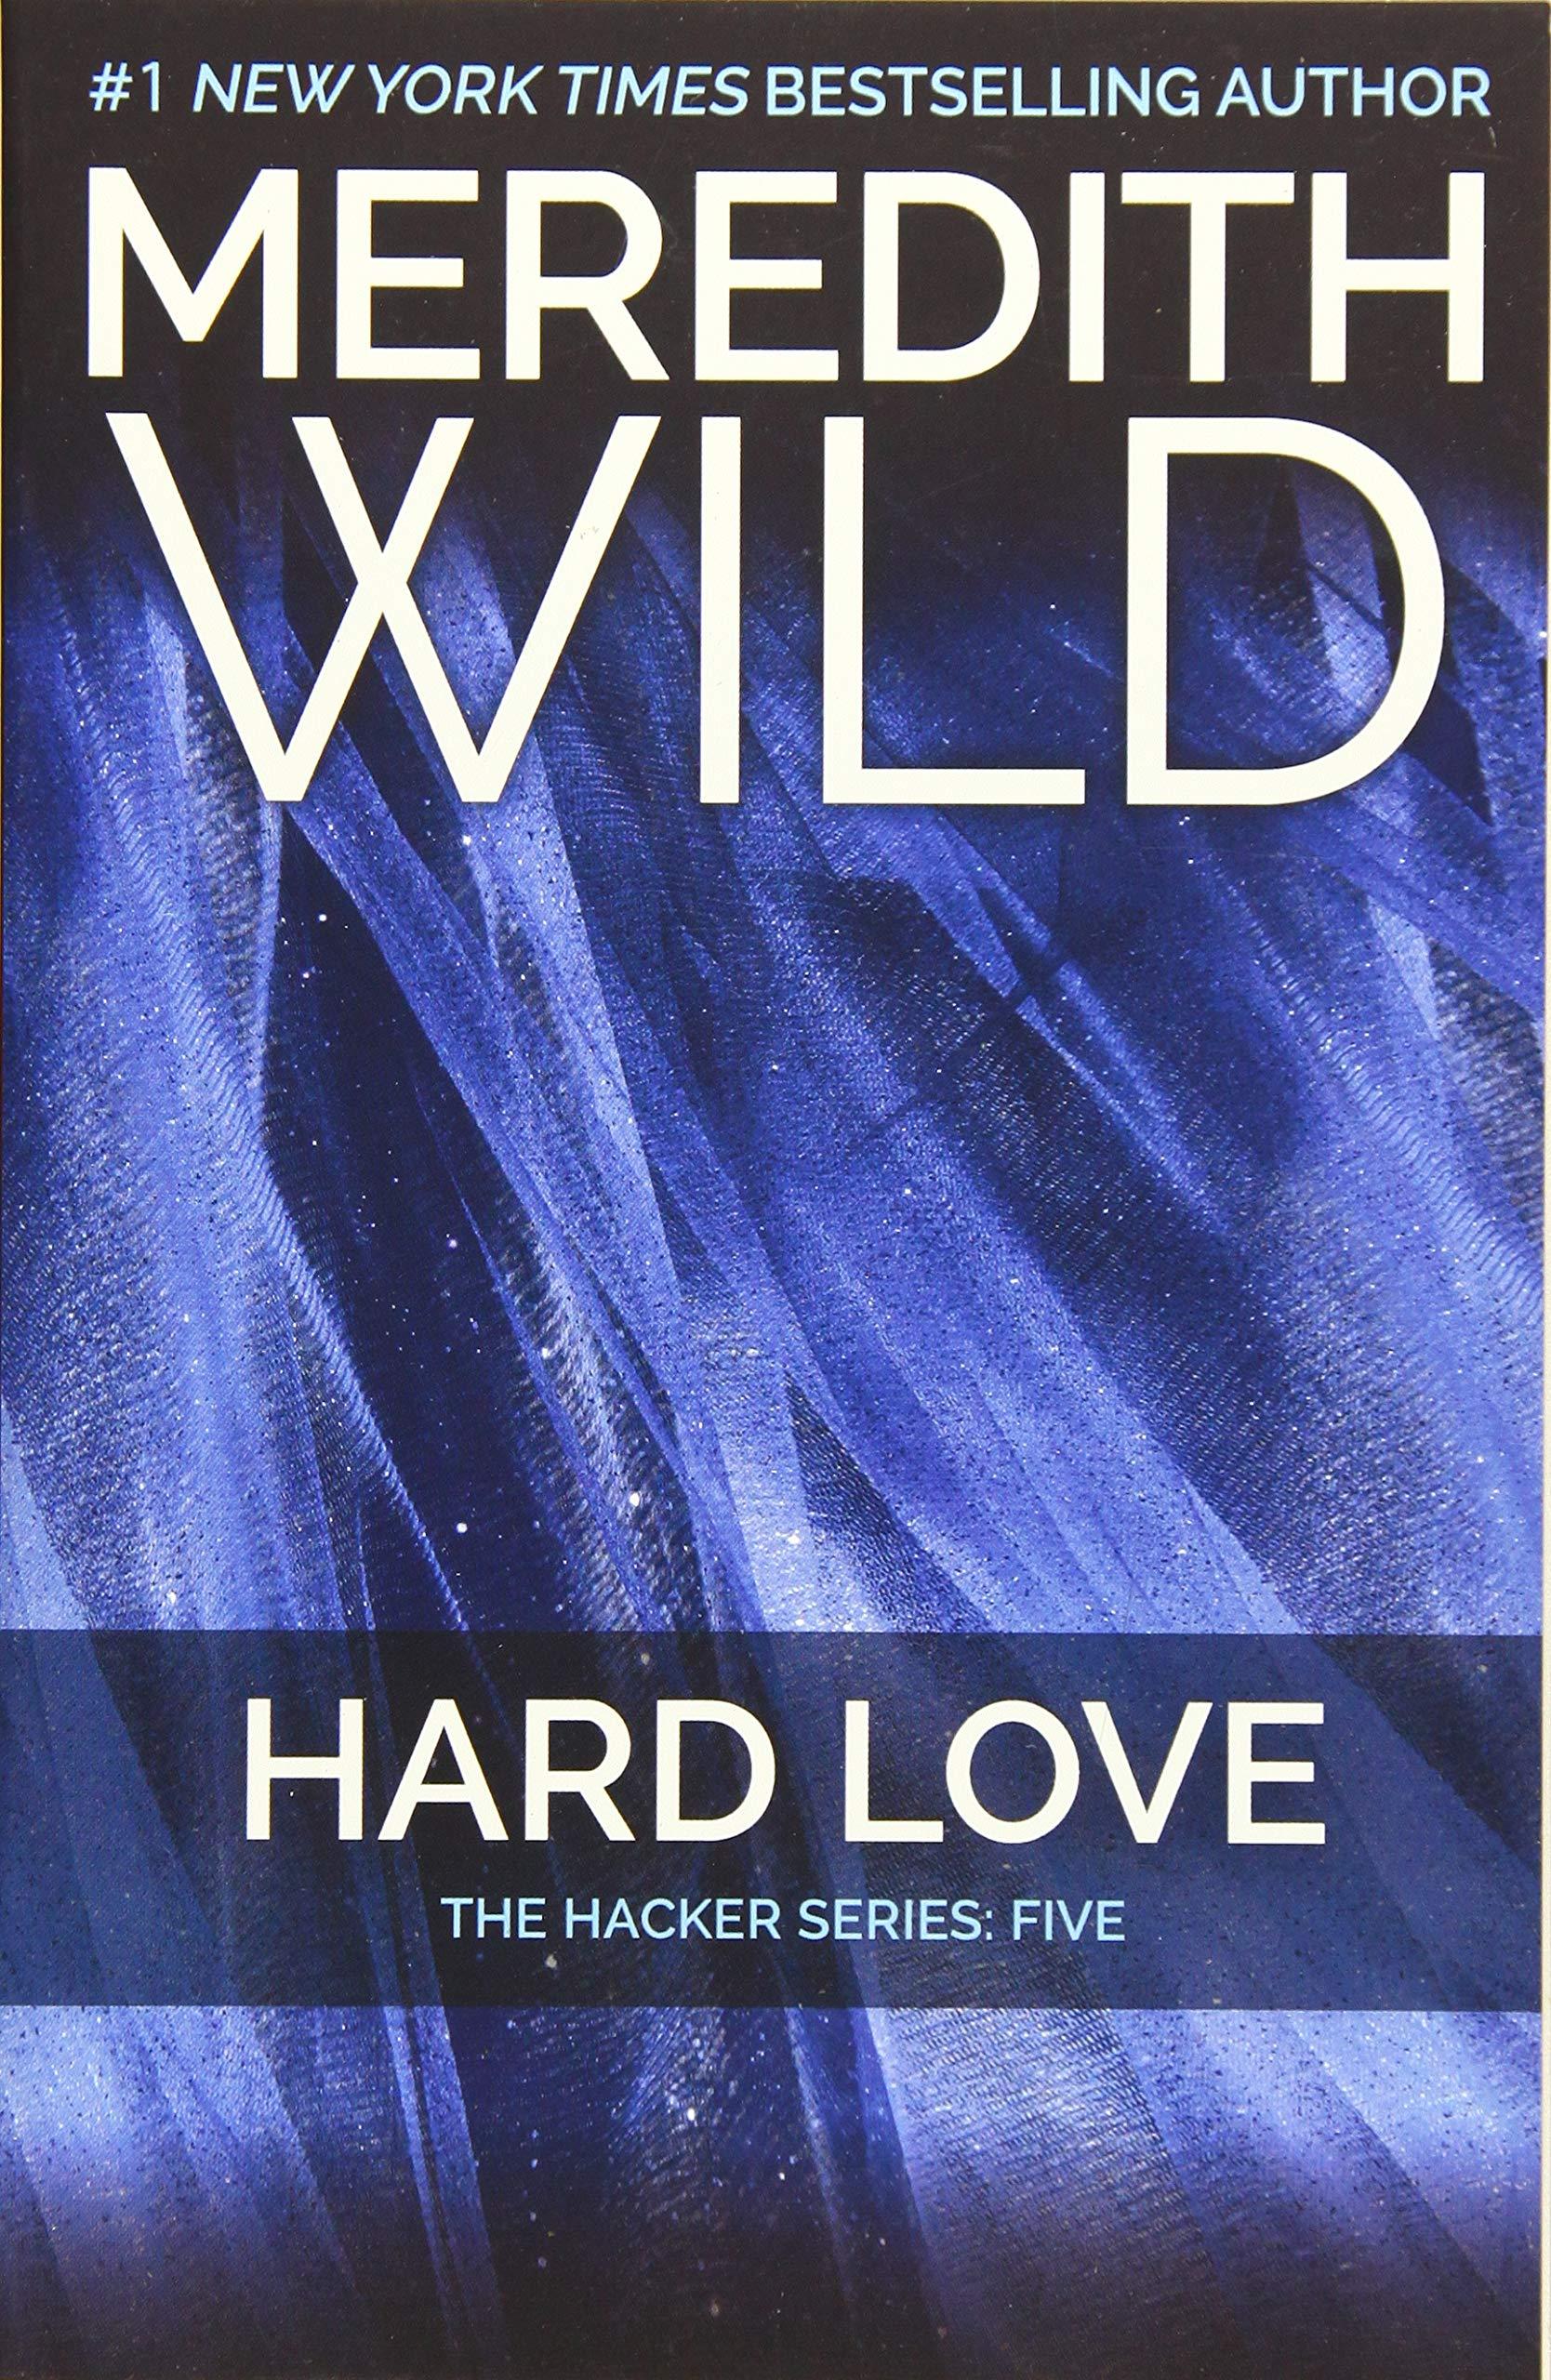 Hard Love: The Hacker Series #5 (Hacker, 5)